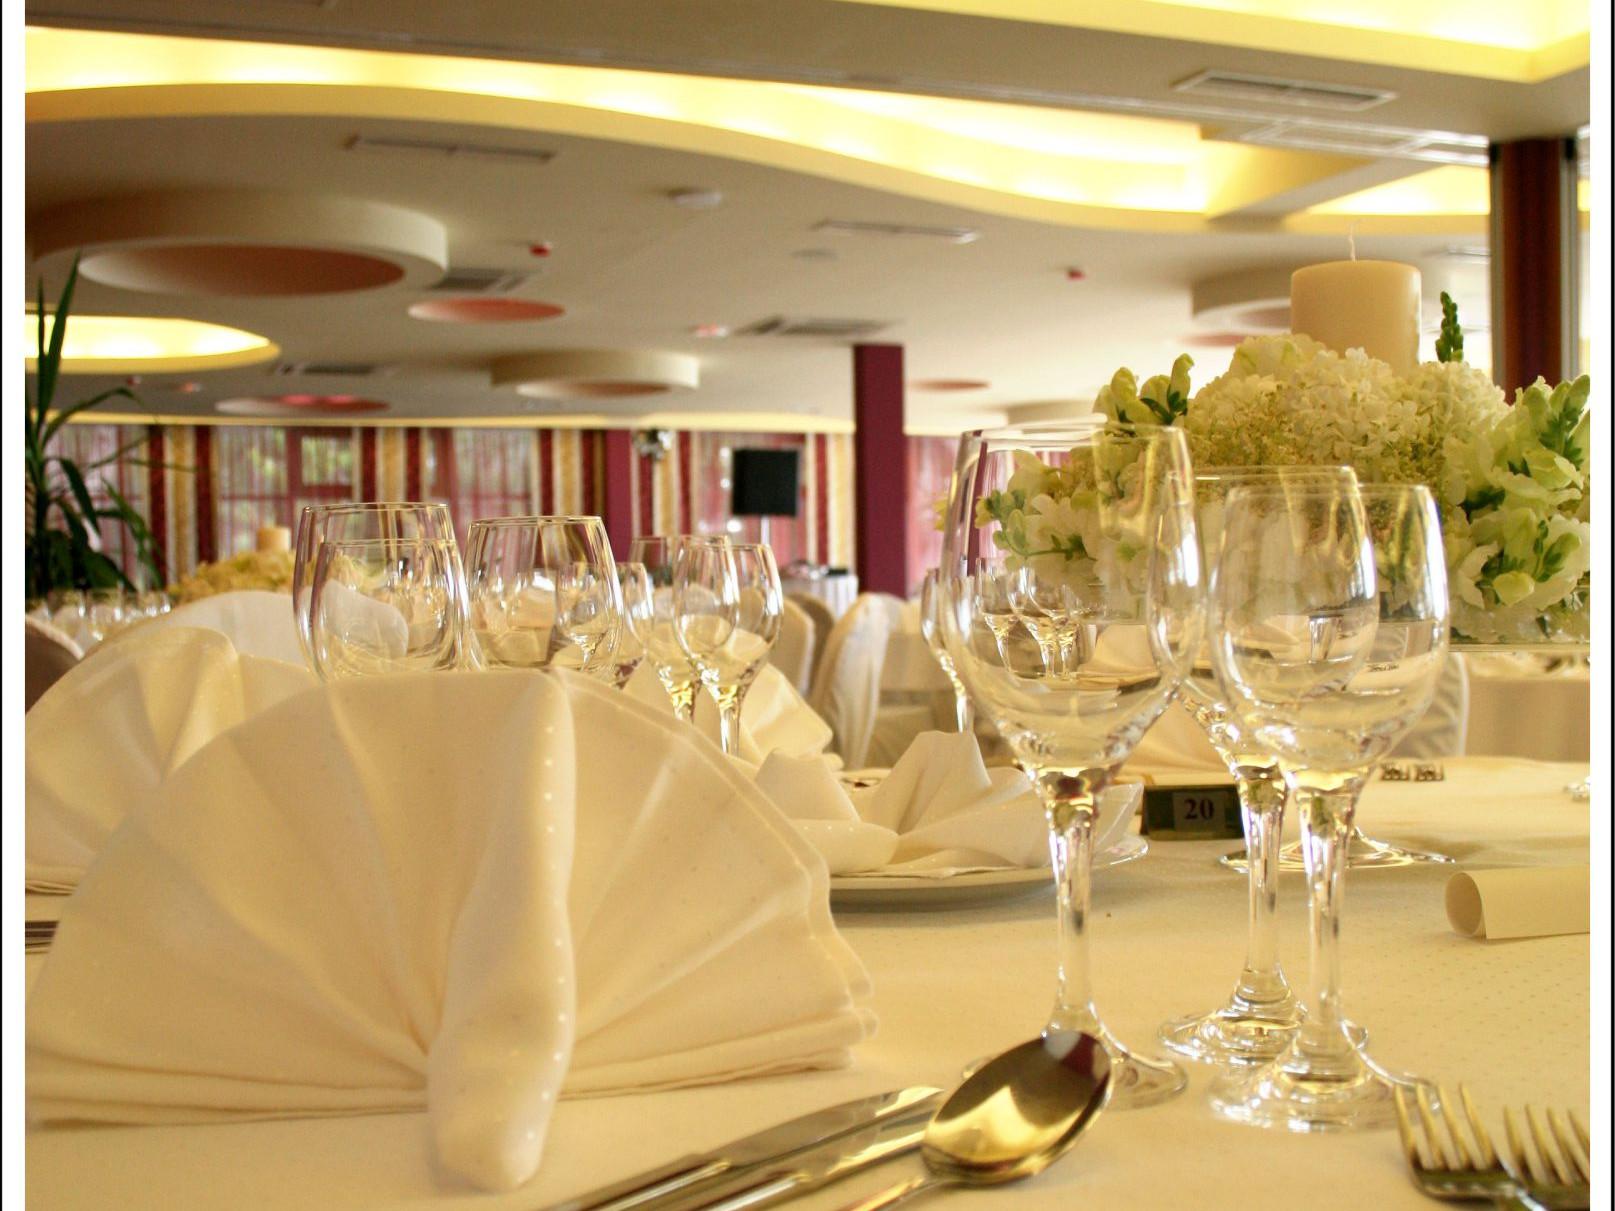 wedding congress center 18 14823218881 o uai - Zora Hotel